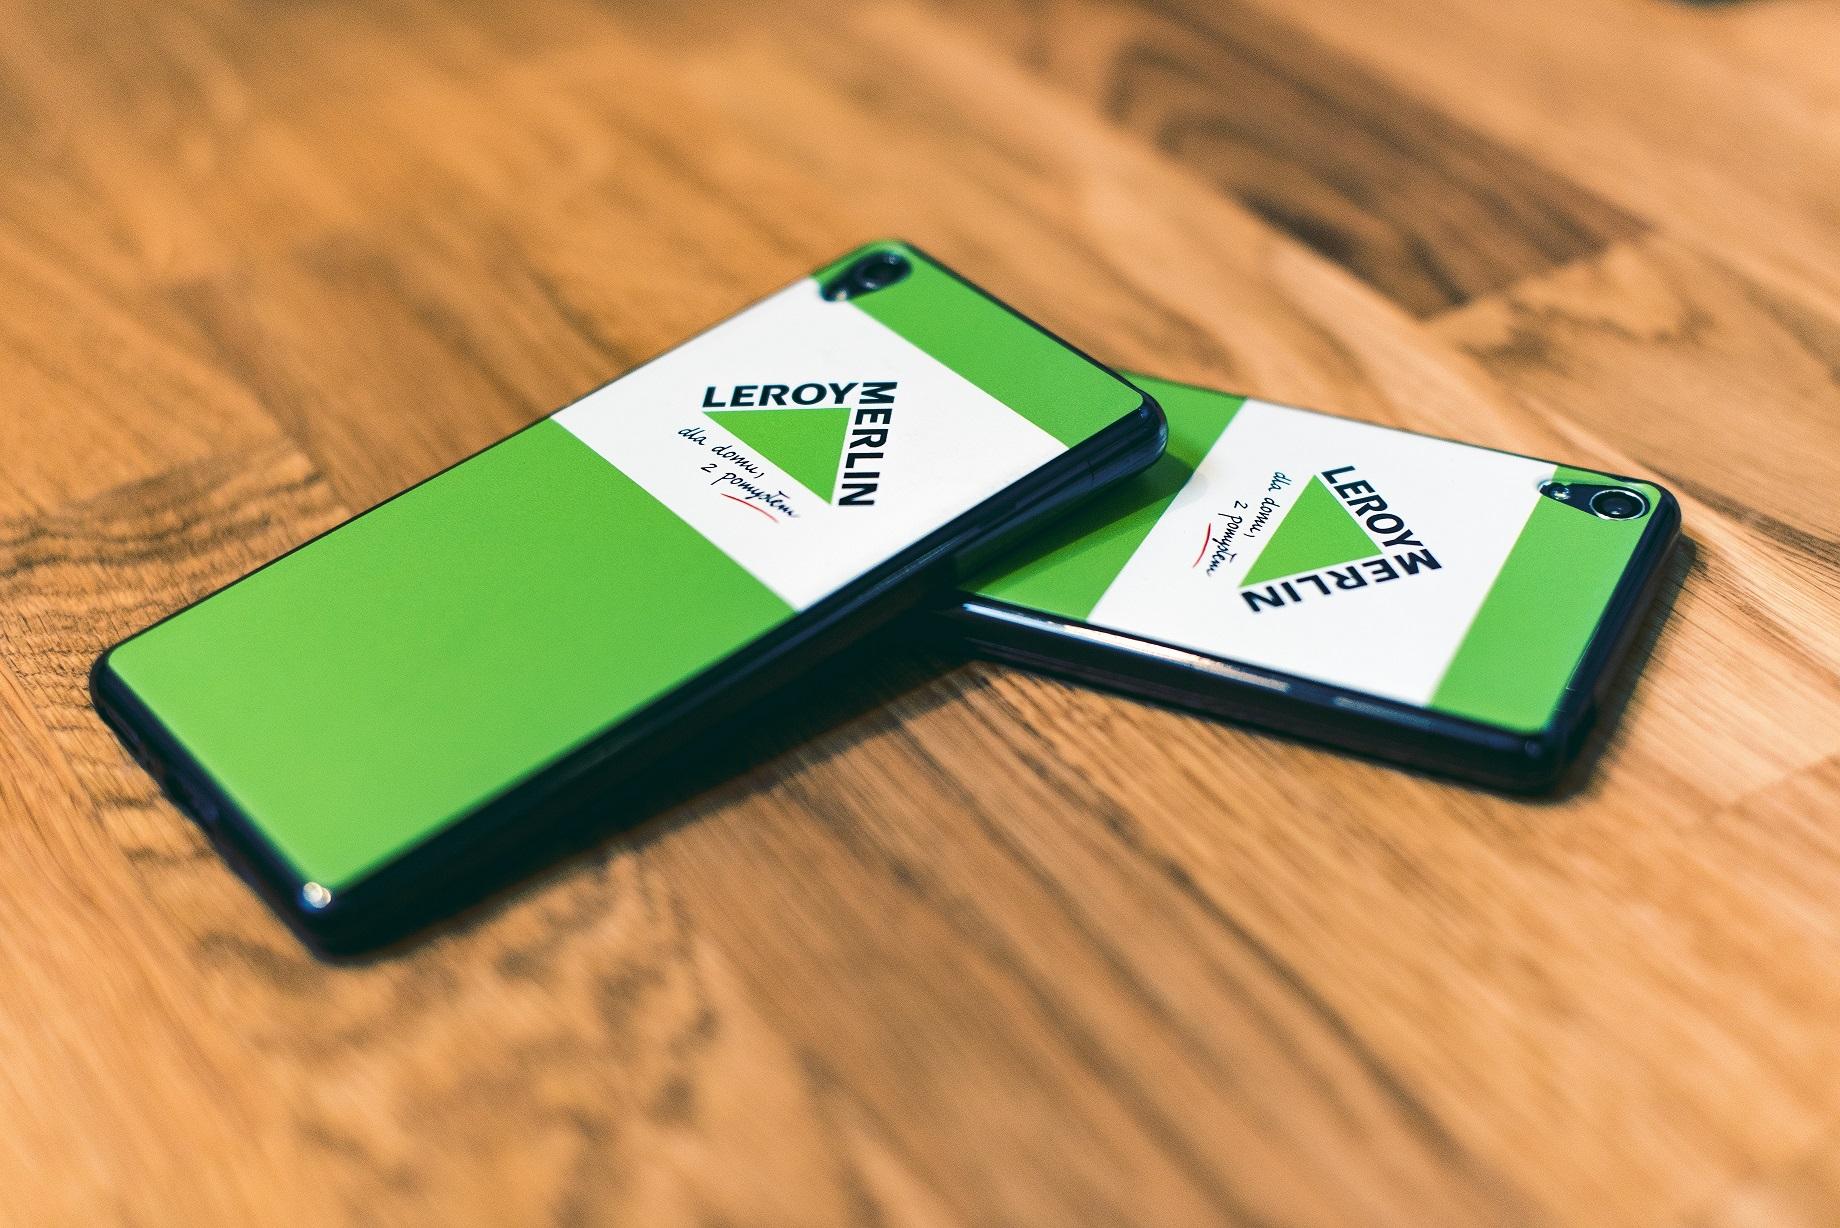 Mobility Smartfon Dla Każdego Pracownika W Leroy Merlin